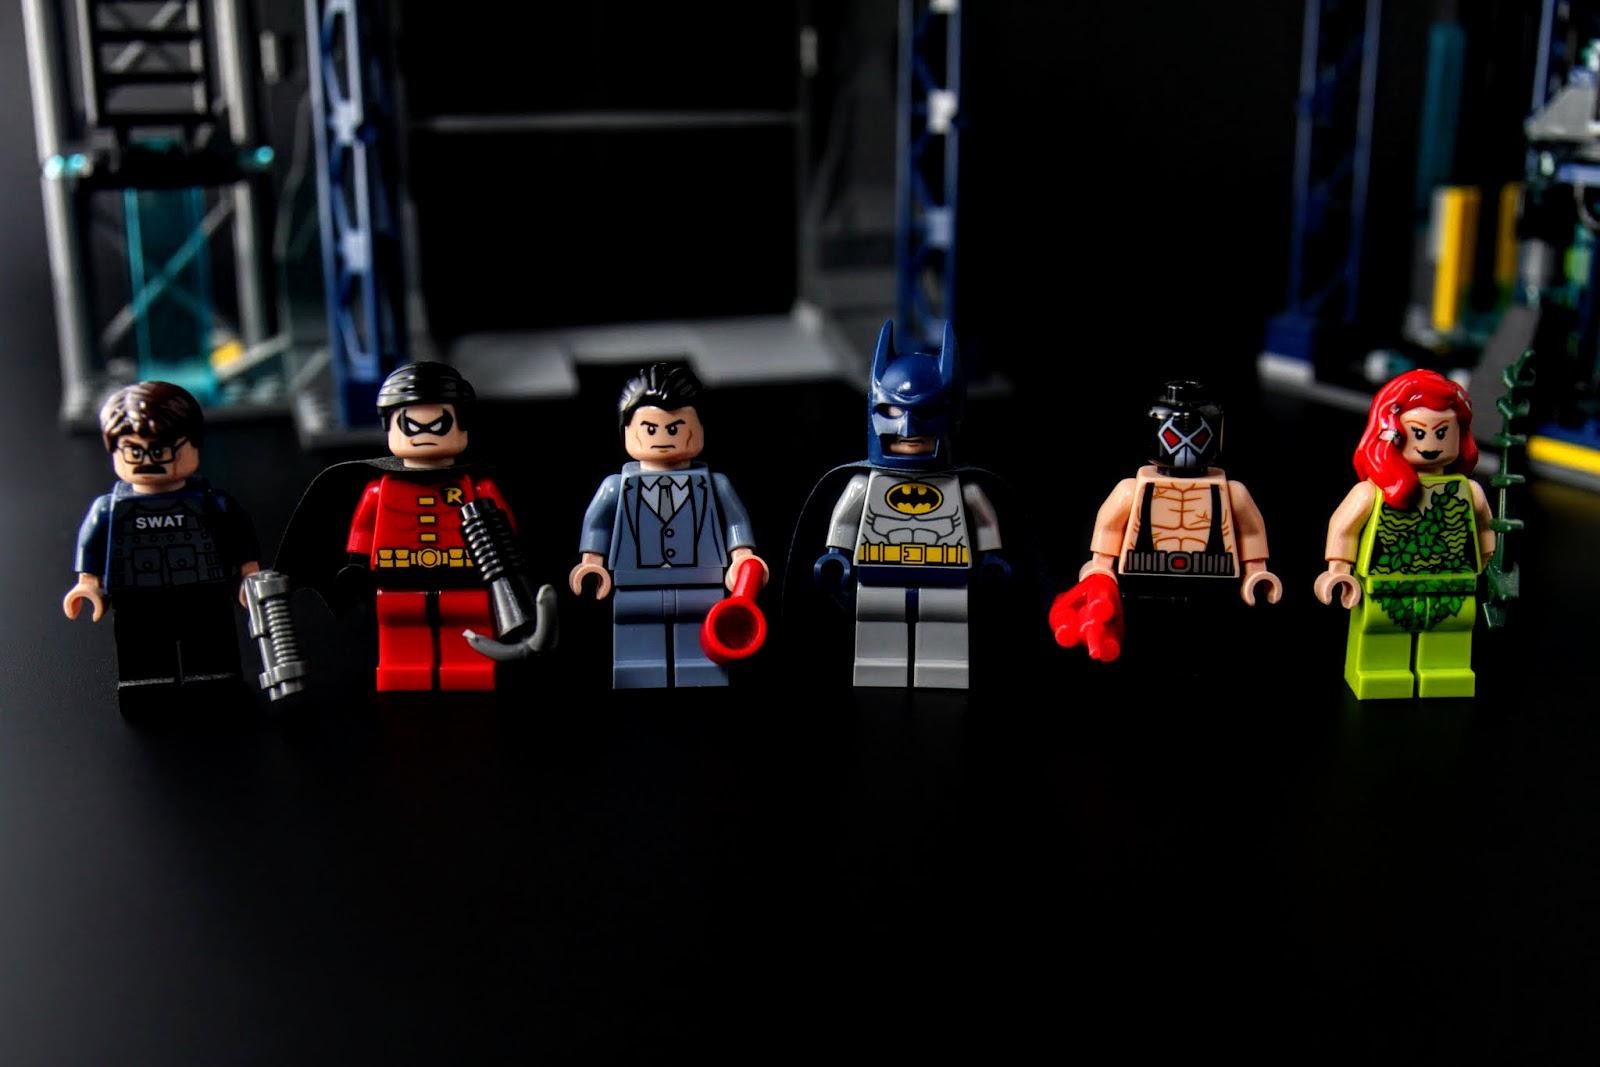 本組裡有六個人偶